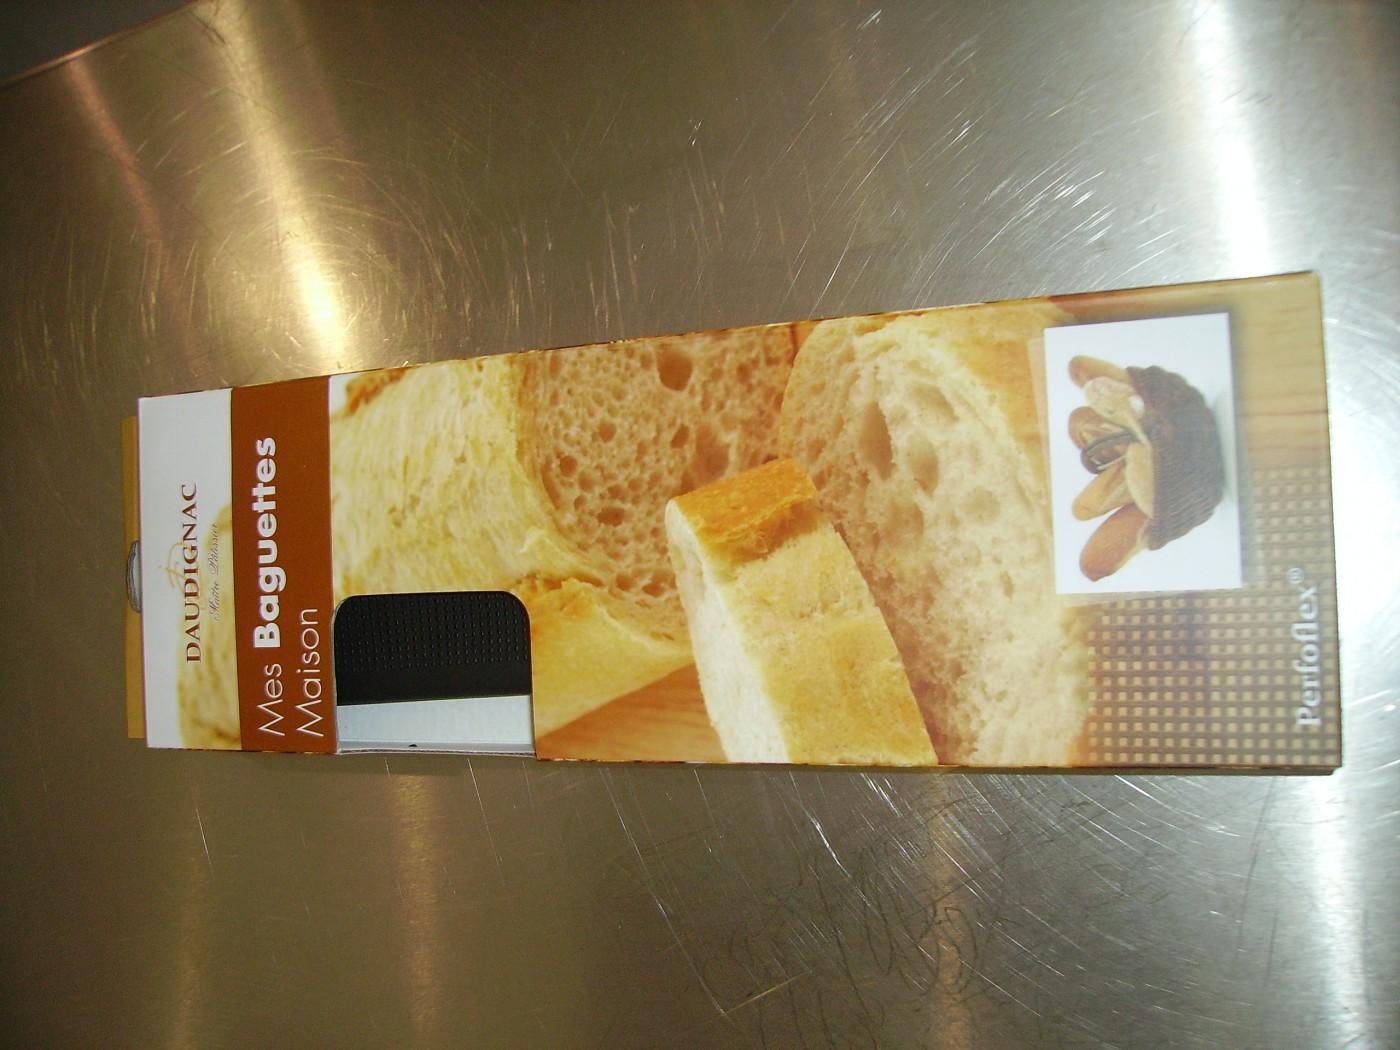 J'ai testé pour vous mes Baguettes maison. Marque : DAUDIGNAC. Prix 14.90€